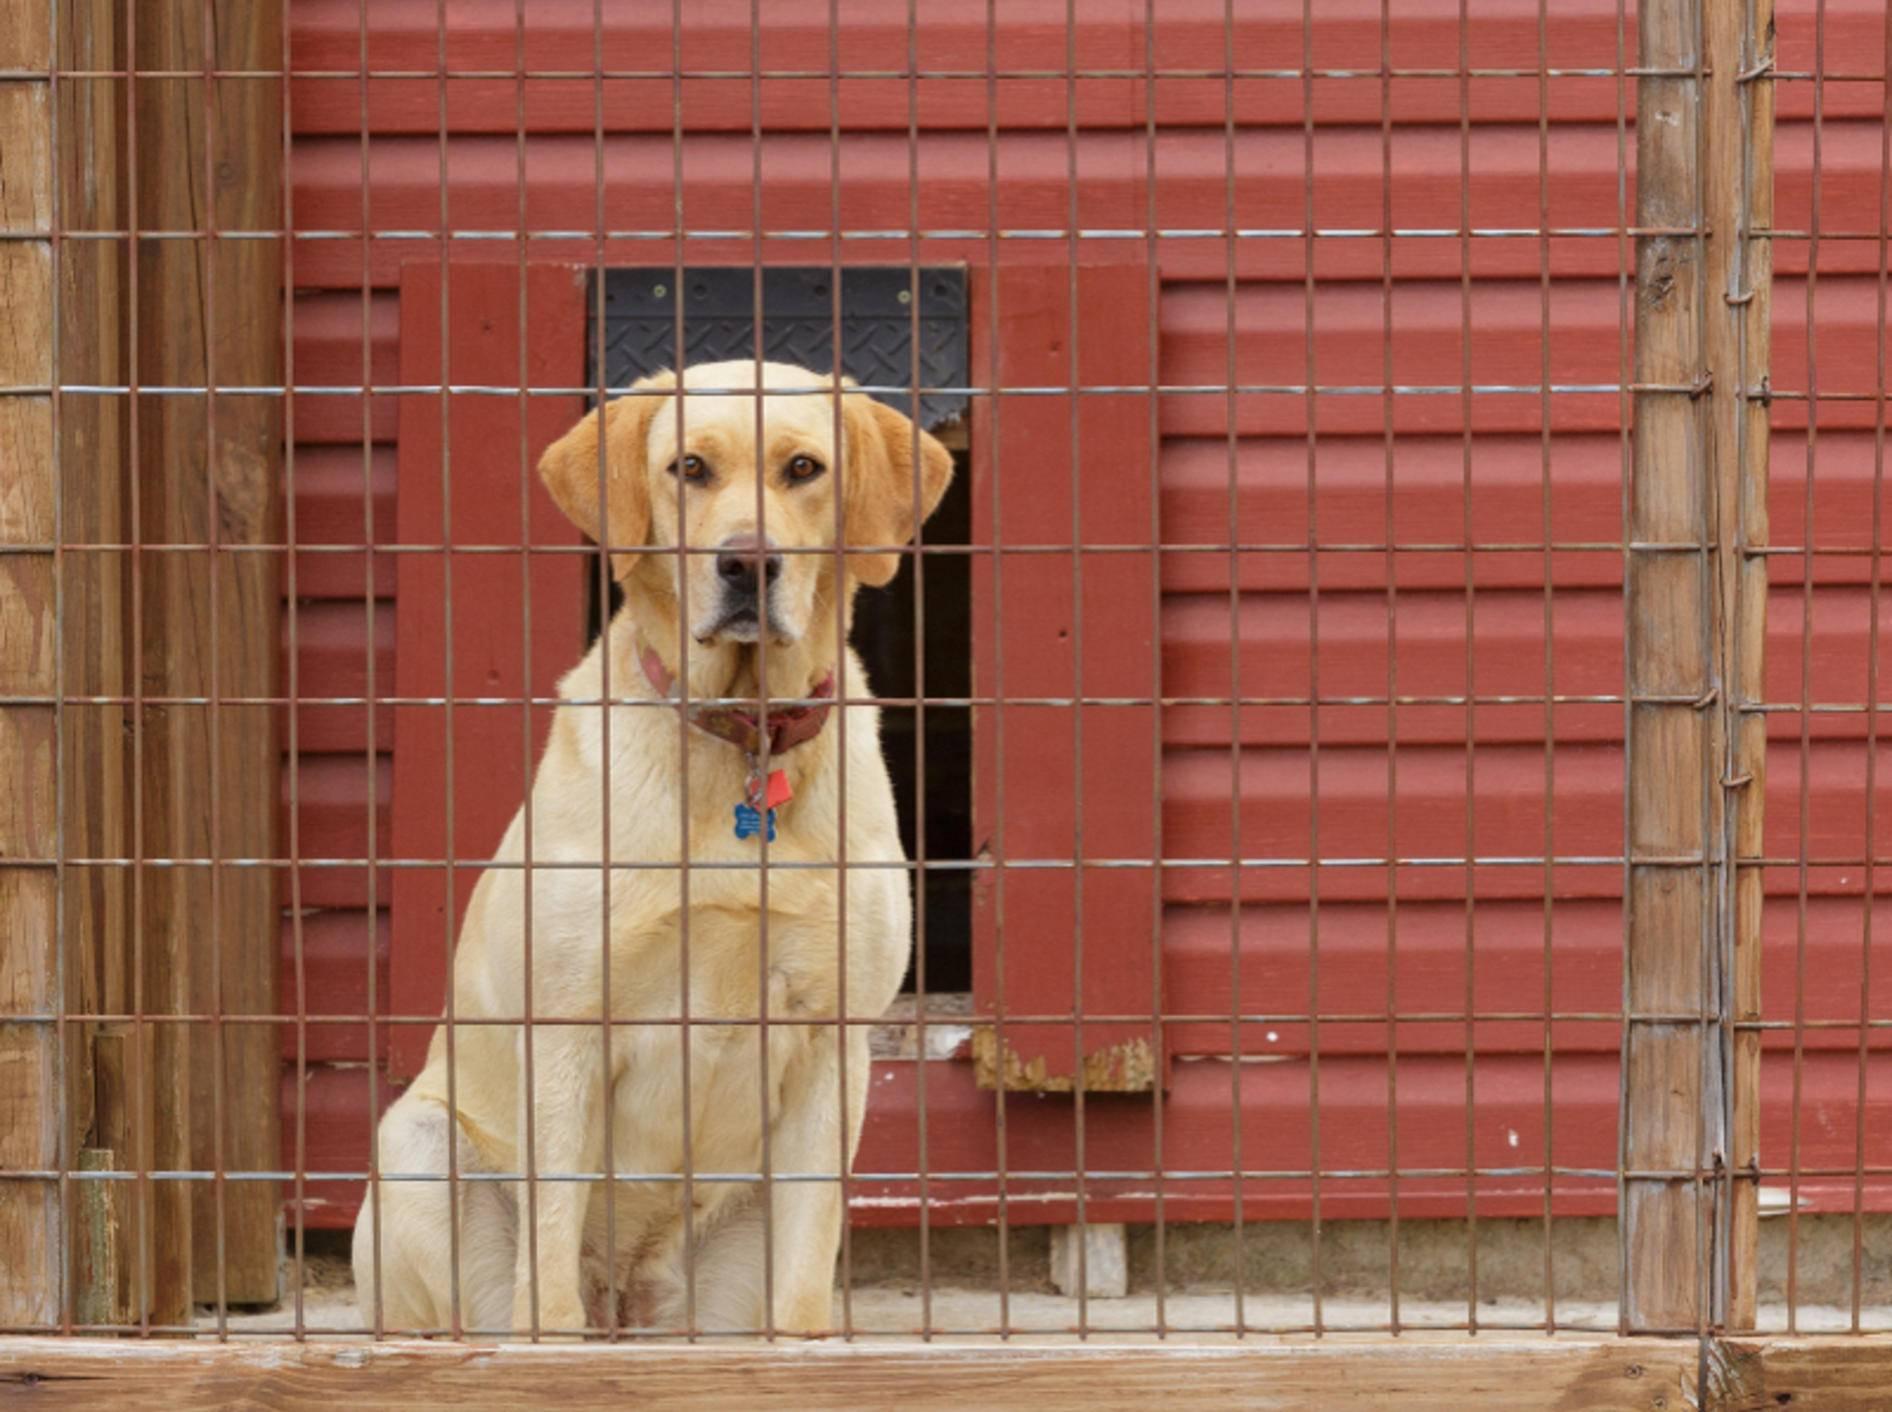 Ein Hundezwinger ist kein dauerhafter Platz für einen Hund, doch kann Ihre Fellnase hier sicher untergebracht werden, wenn Sie einmal länger nicht zuhause sind – Shutterstock /Dervin Witmer